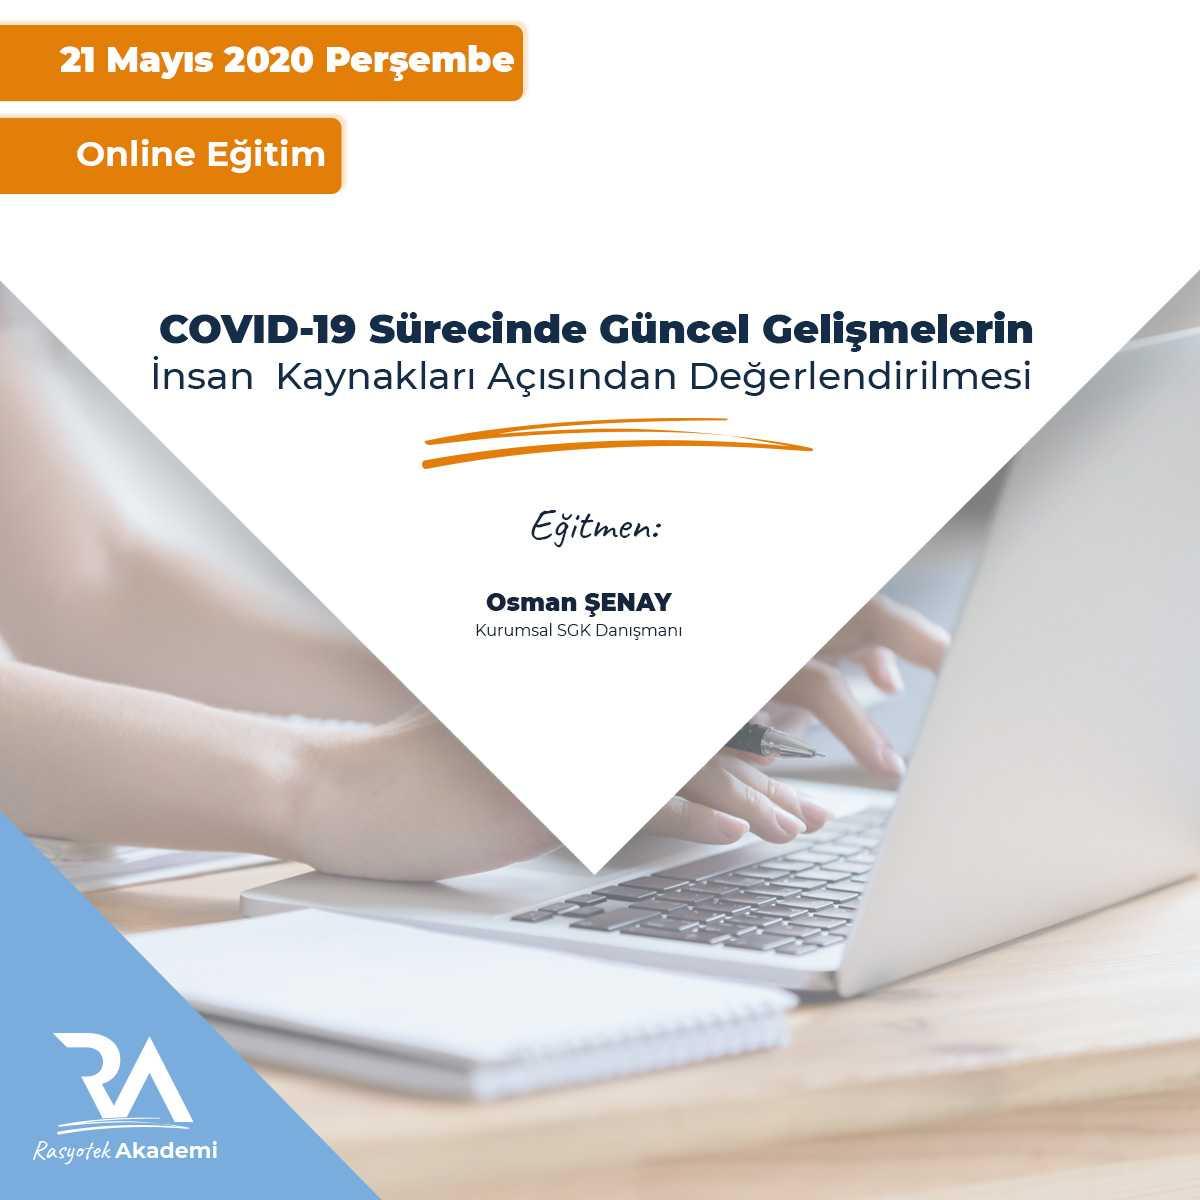 COVID-19 Sürecinde Güncel Gelişmelerin İnsan Kaynakları Açısından Değerlendirilmesi